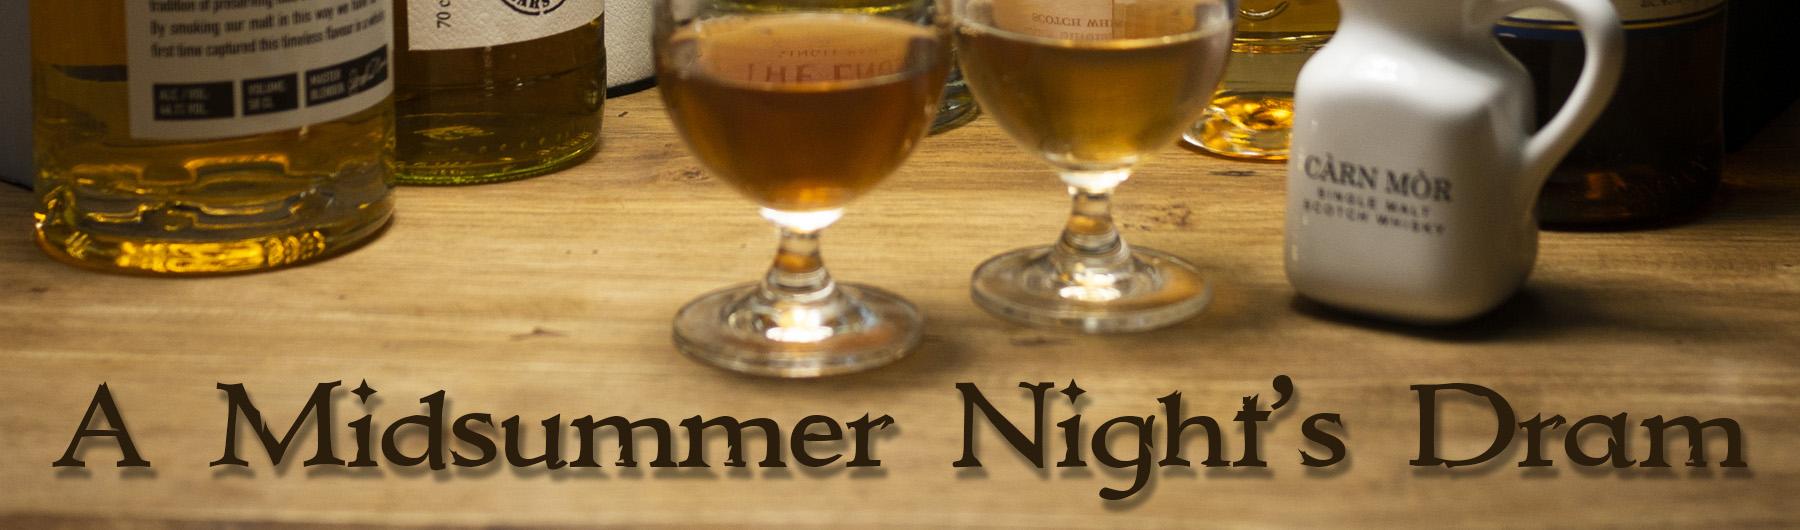 A Midsummer Night's Dram